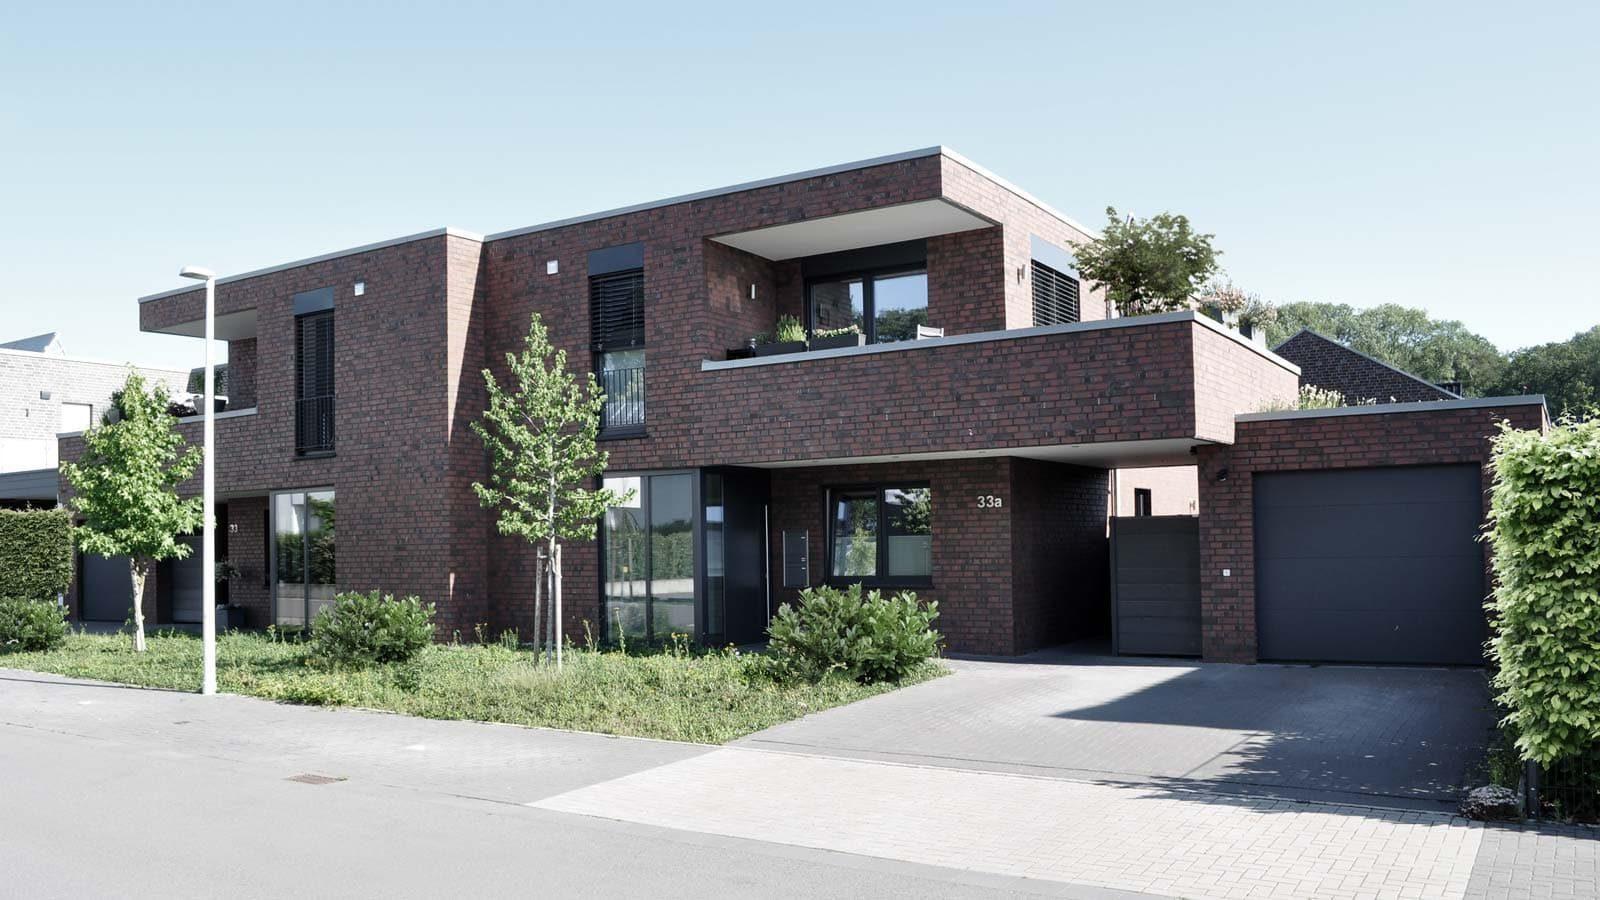 Neubau Einfamilienhaus mit Garage in Nordwalde, Holtfrerich Architekten